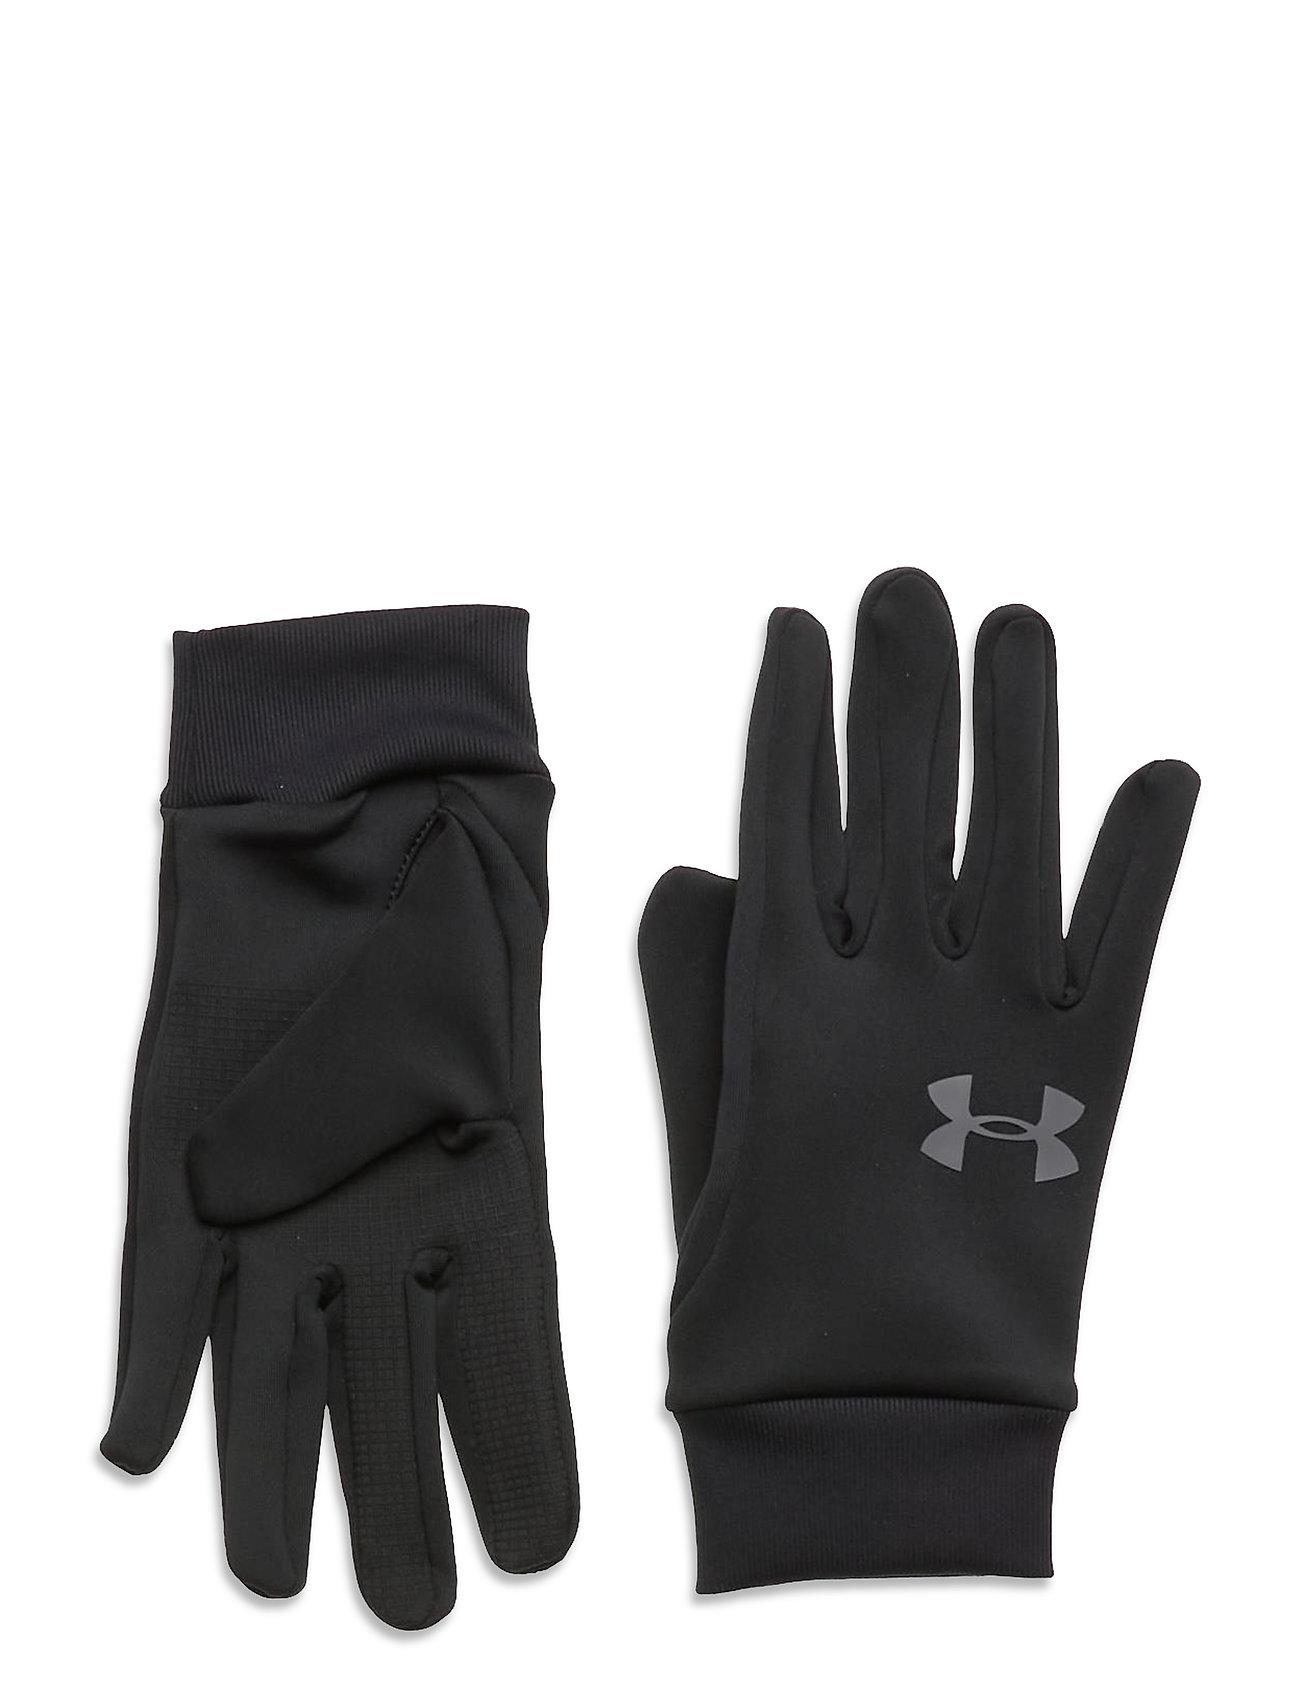 Ua Men'S Storm Liner Handsker Sort Under Armour